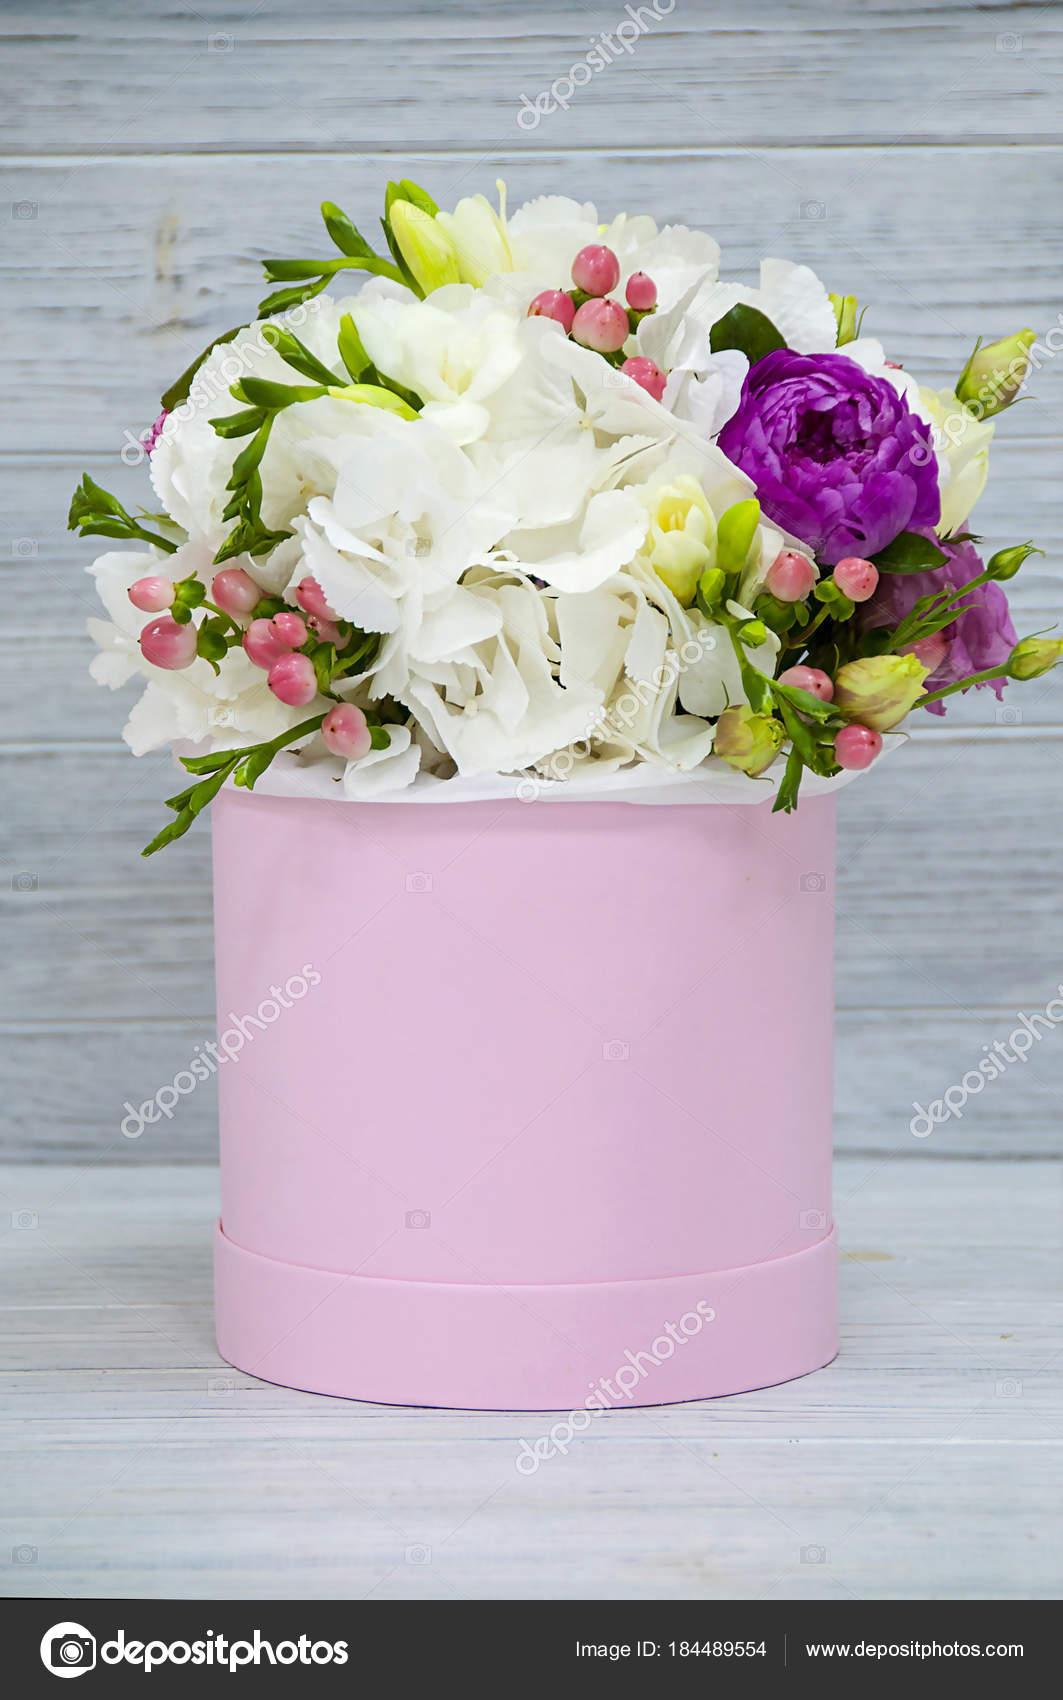 Beau Tendre Bouquet Fleurs Dans Une Boite Rose Sur Fond